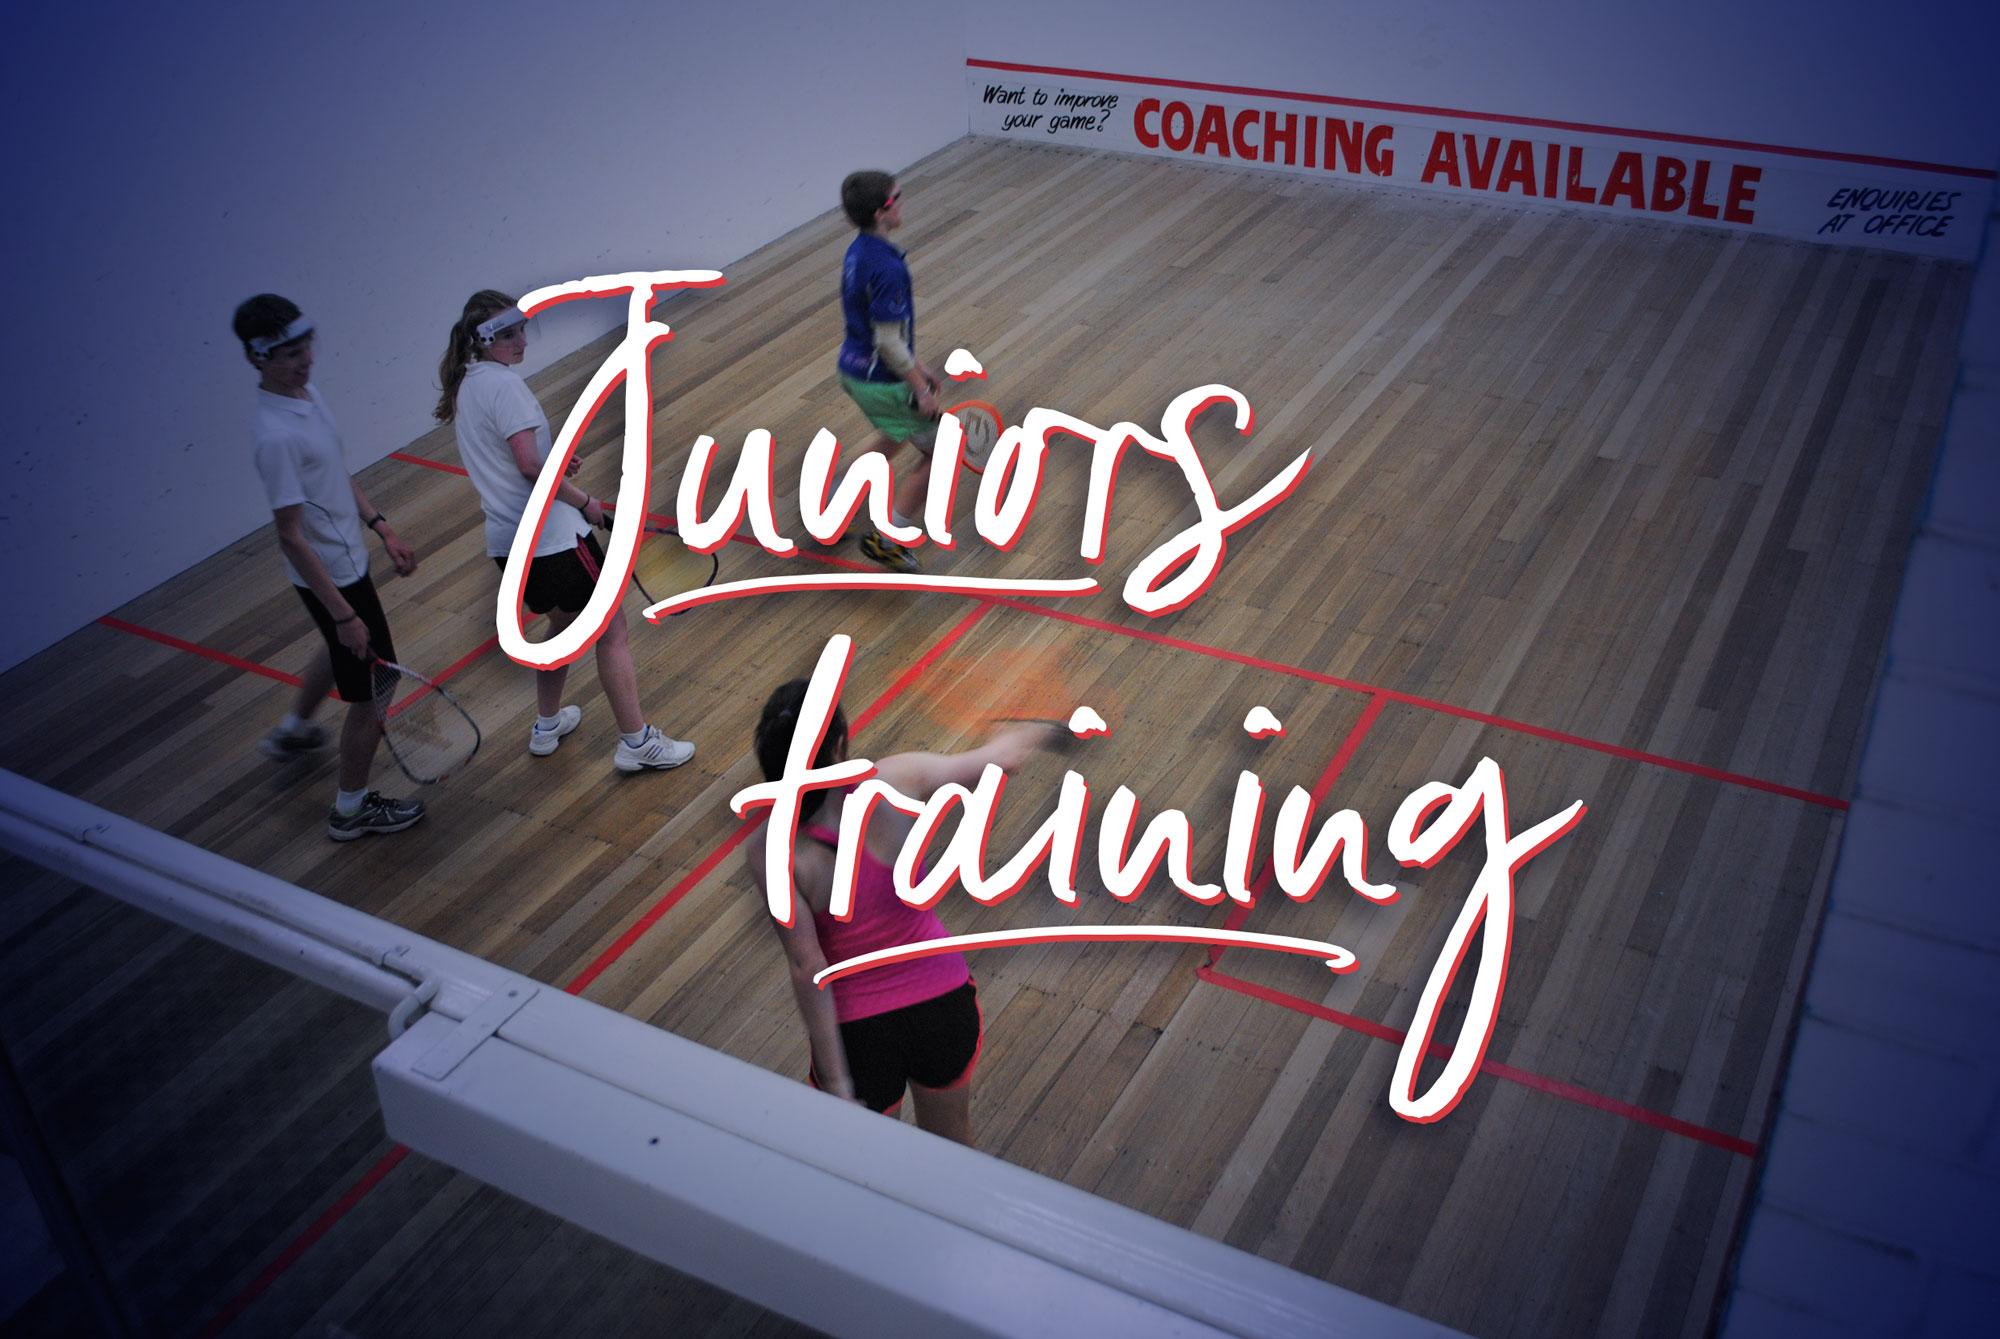 bendigo-squash-juniors-training-sport-